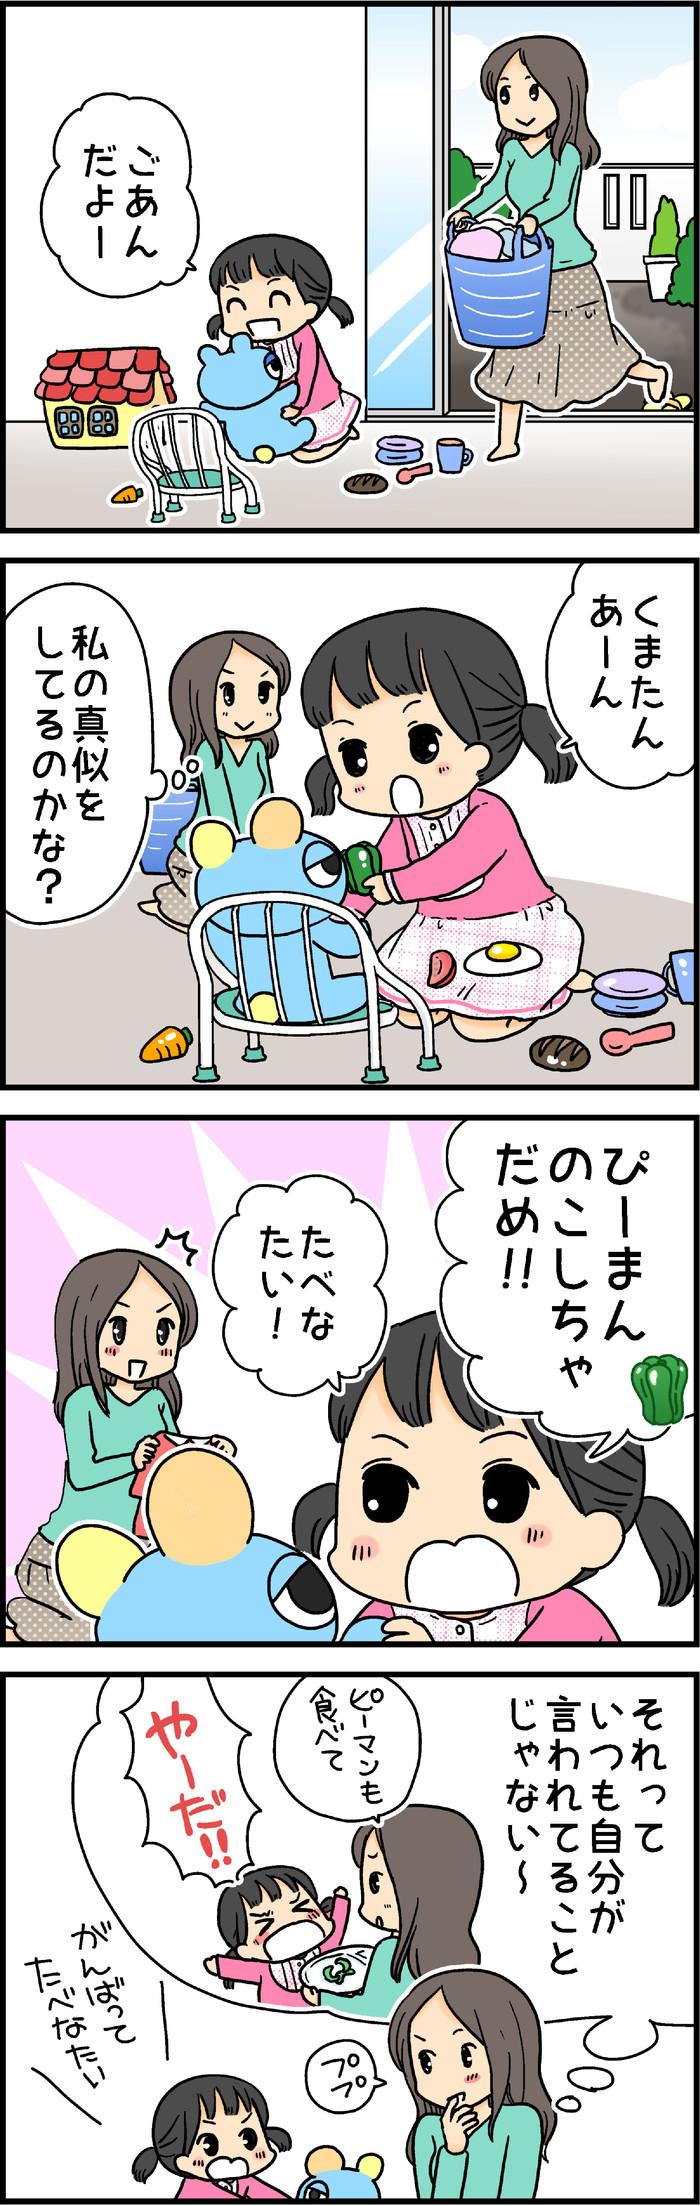 まるで小さなママ!相手を思いやる心を育てるヒントは「お人形遊び」と「おままごと」にあり!?の画像1